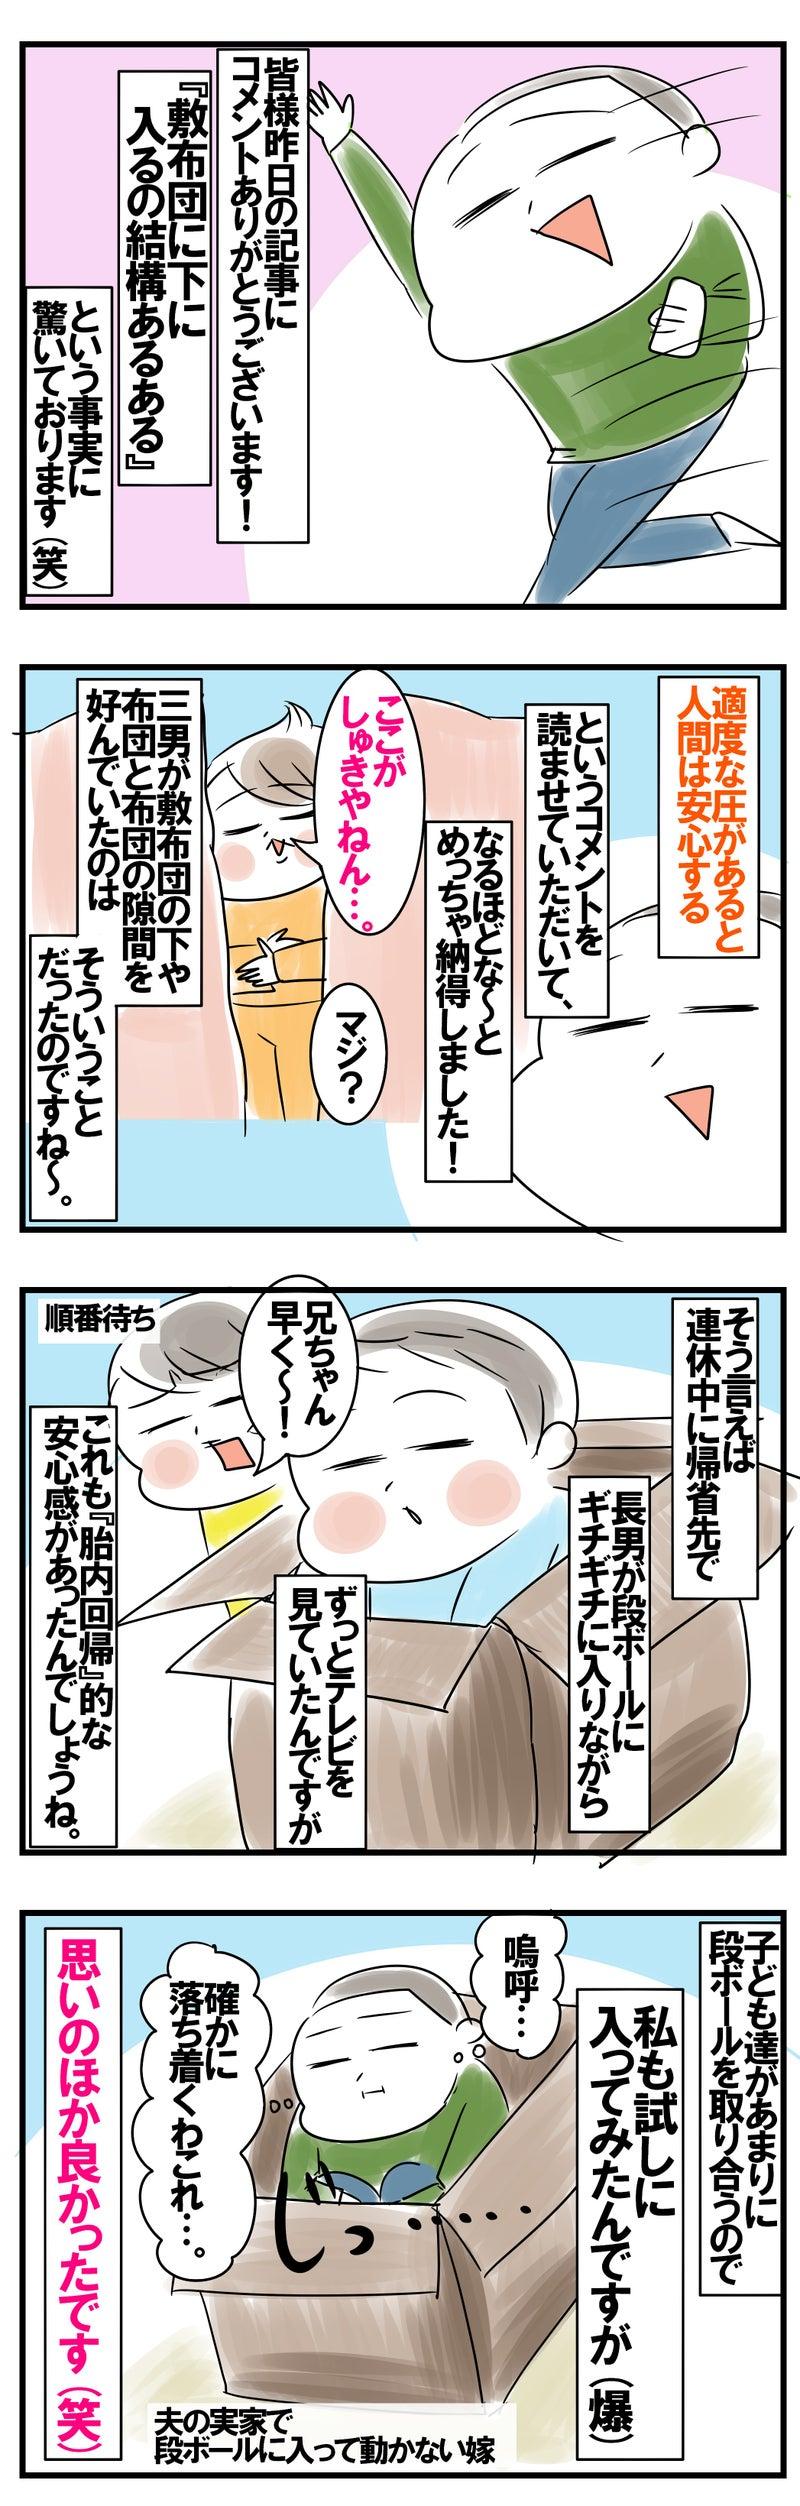 ブログ ホリカン 通報